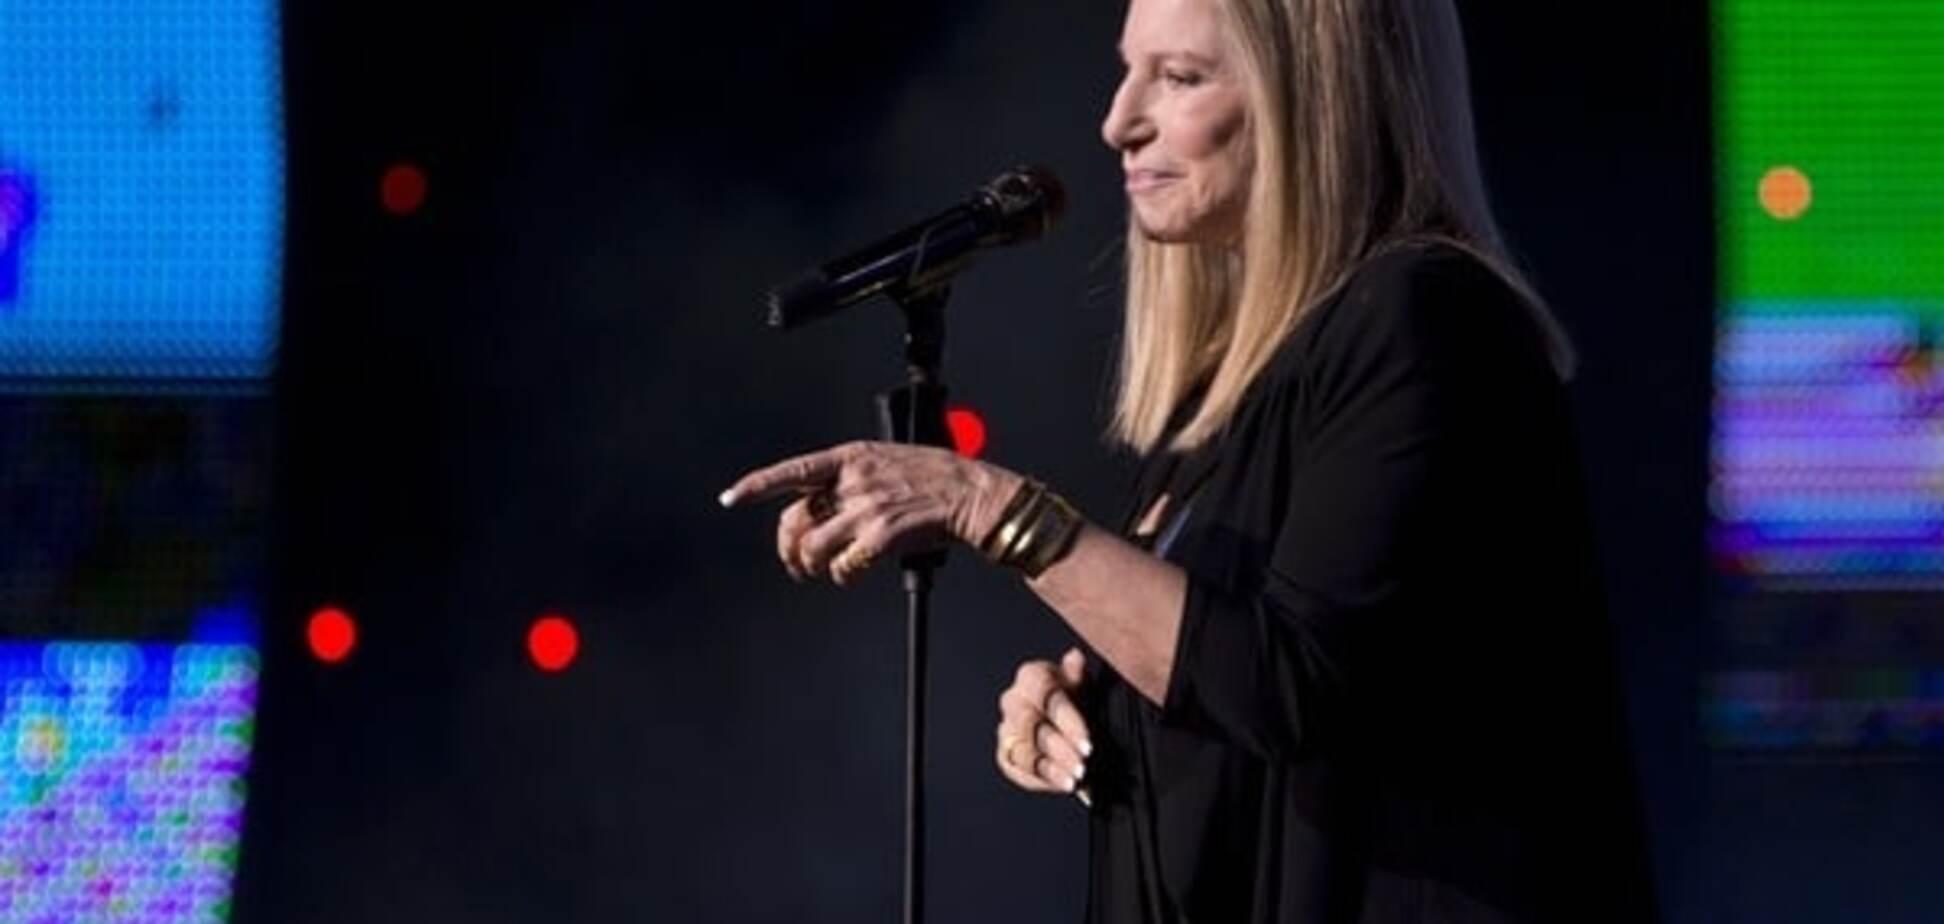 'Кто бы нанял этого клоуна?': Барбра Стрейзанд спела сатирическую песню о Трампе. Опубликовано видео